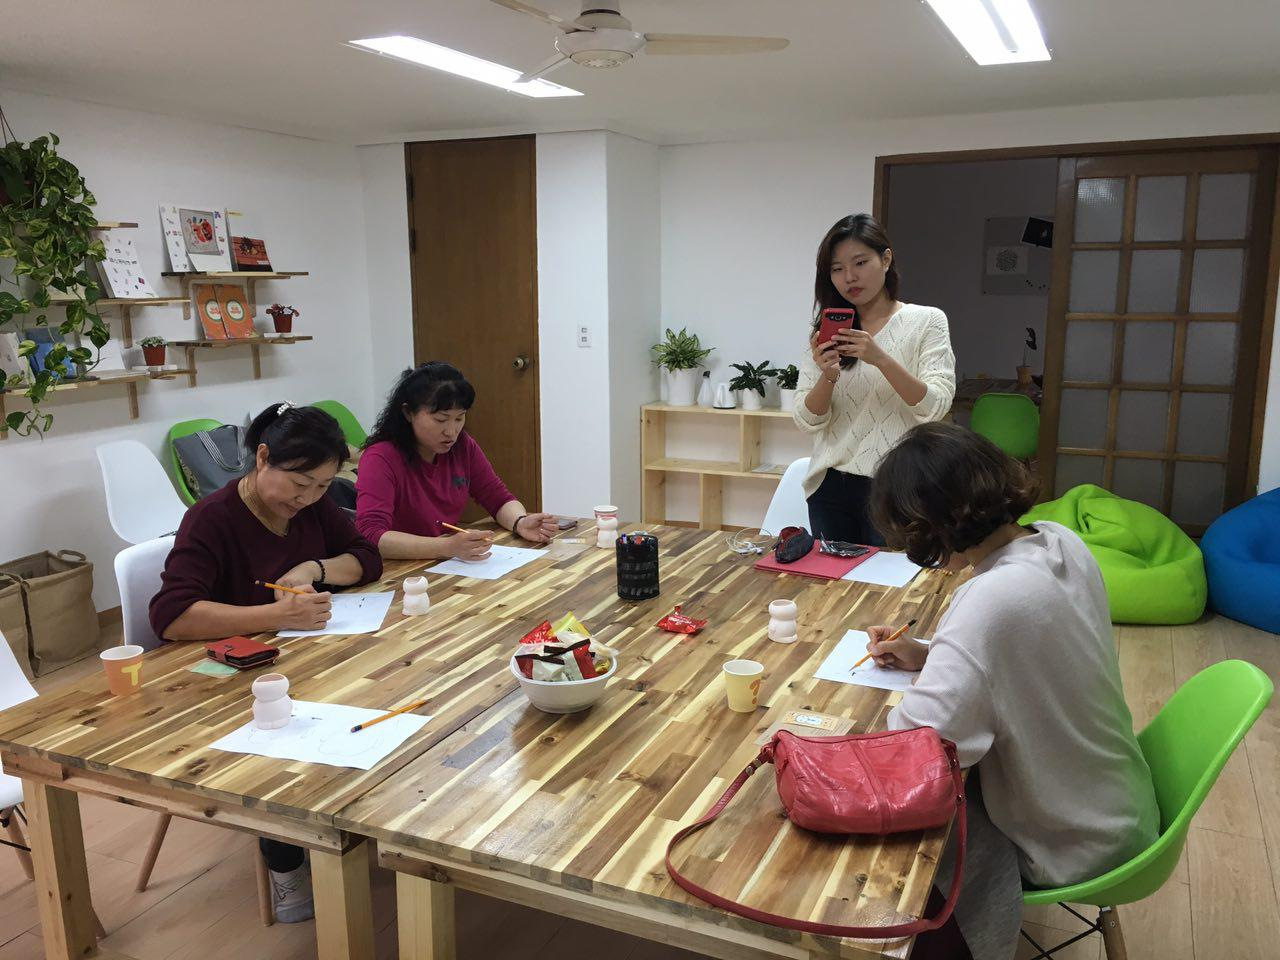 [2016] 평안한마실 생활공예 프로그램